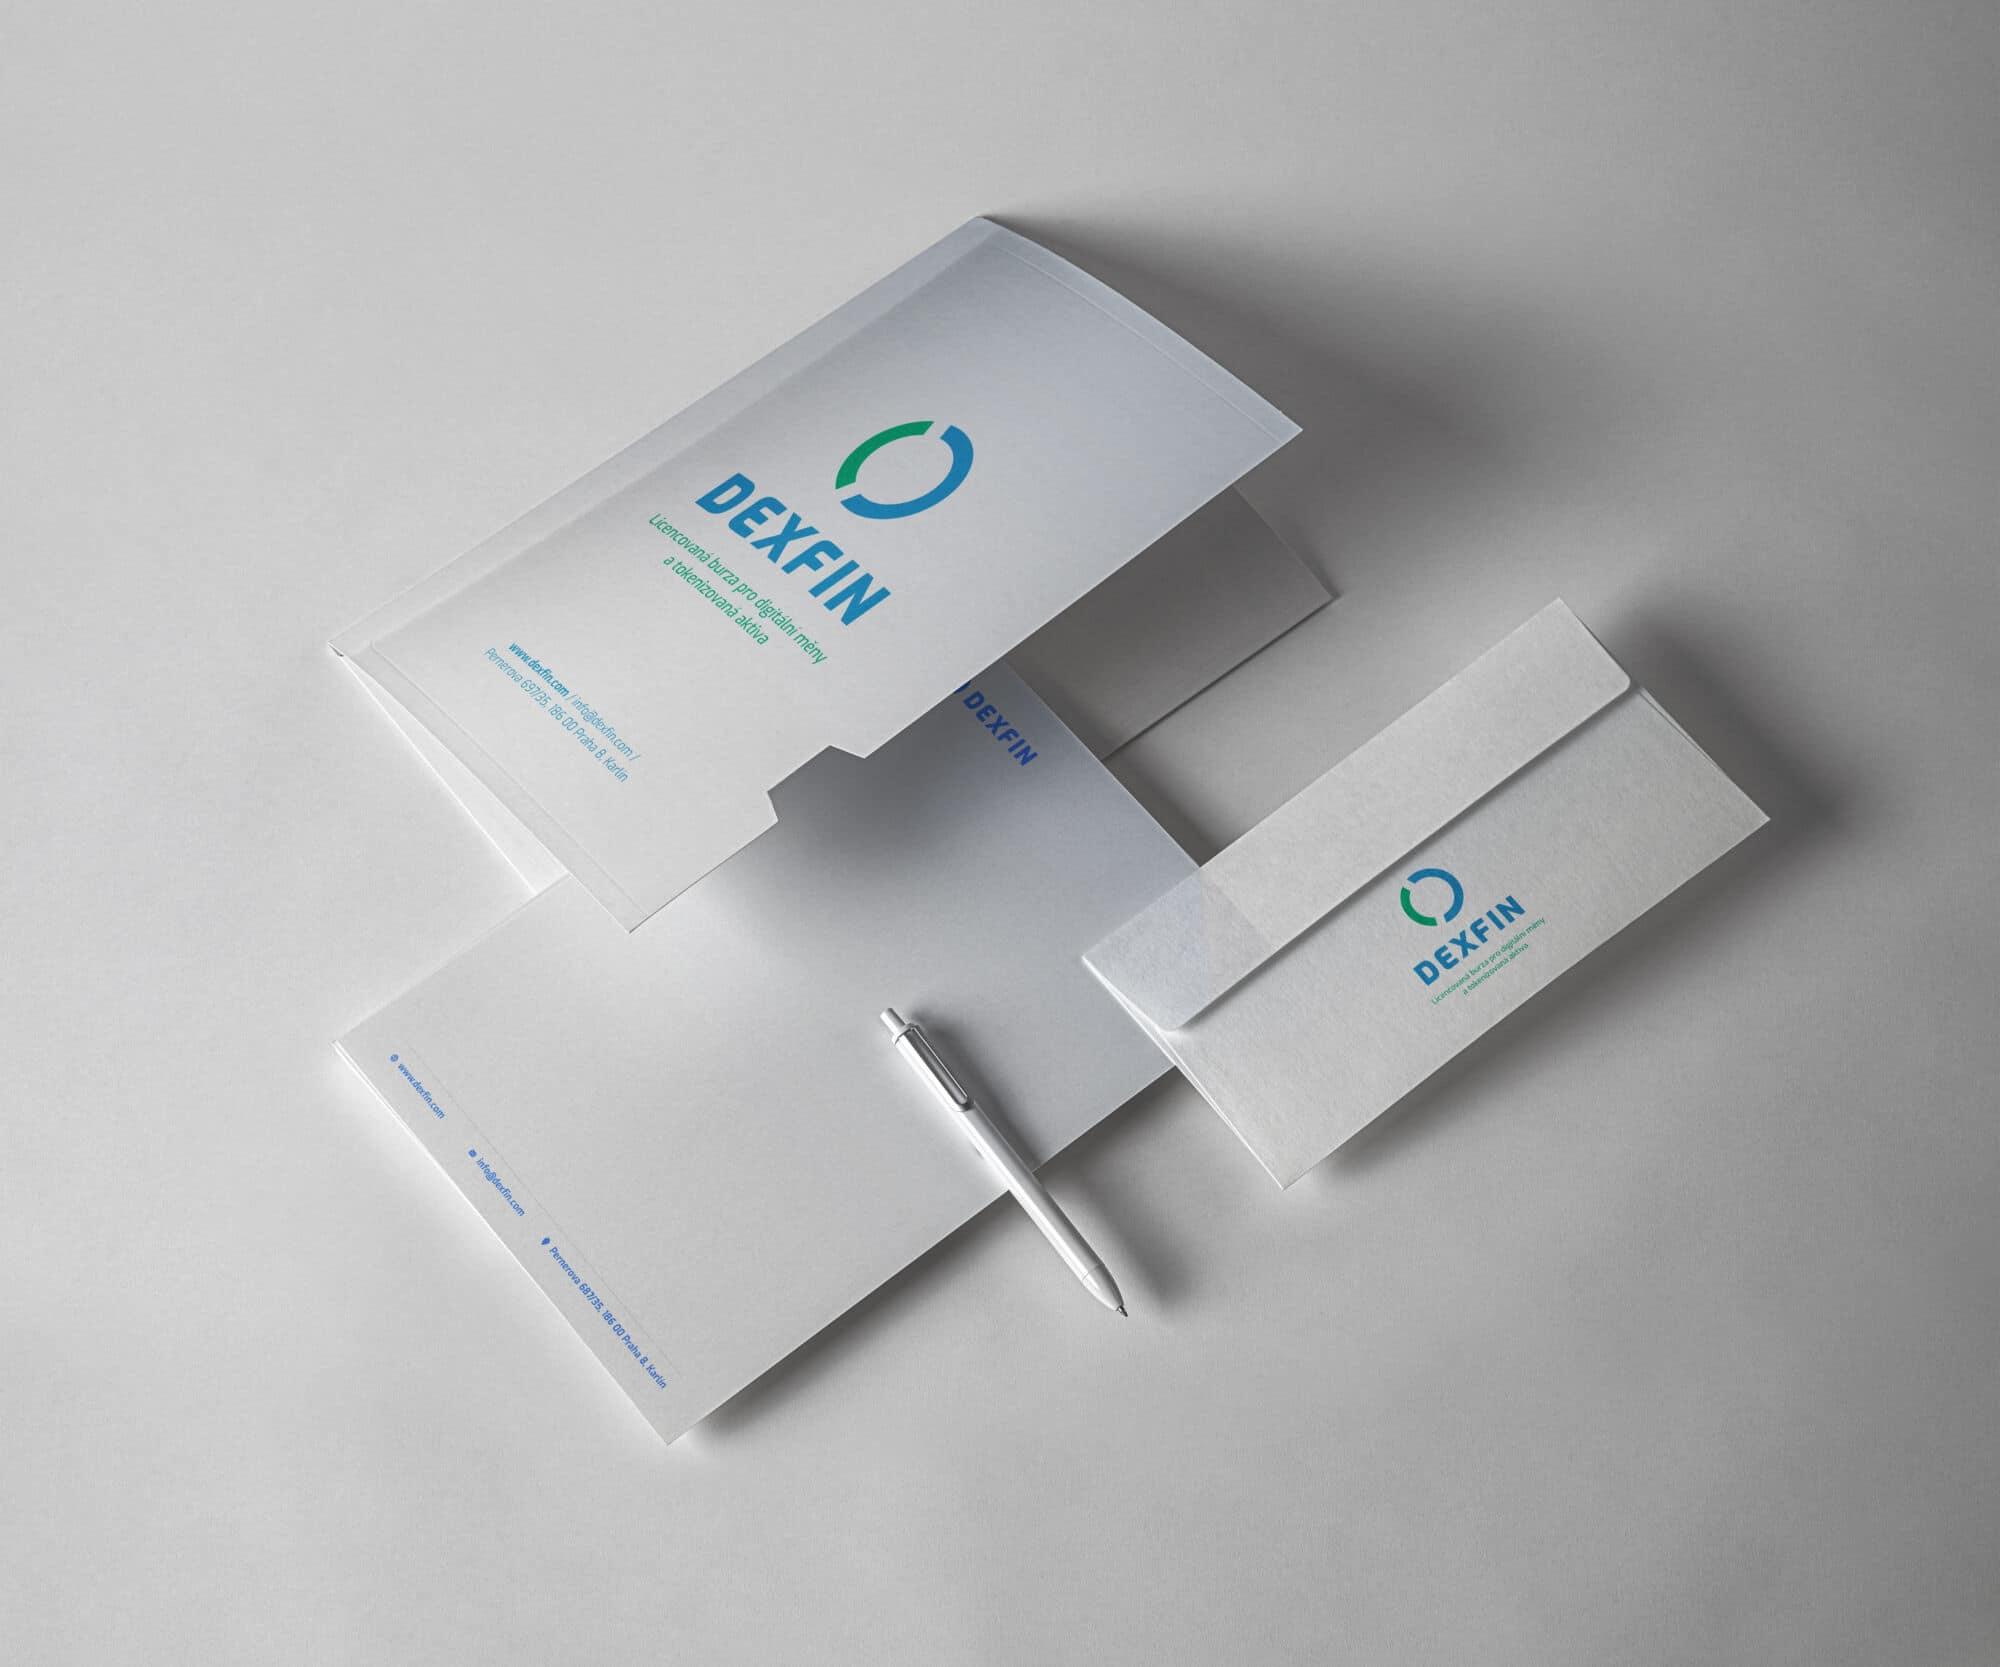 Tvorba loga avizuální identity Dexfin obálka hlavičkový papír adesky